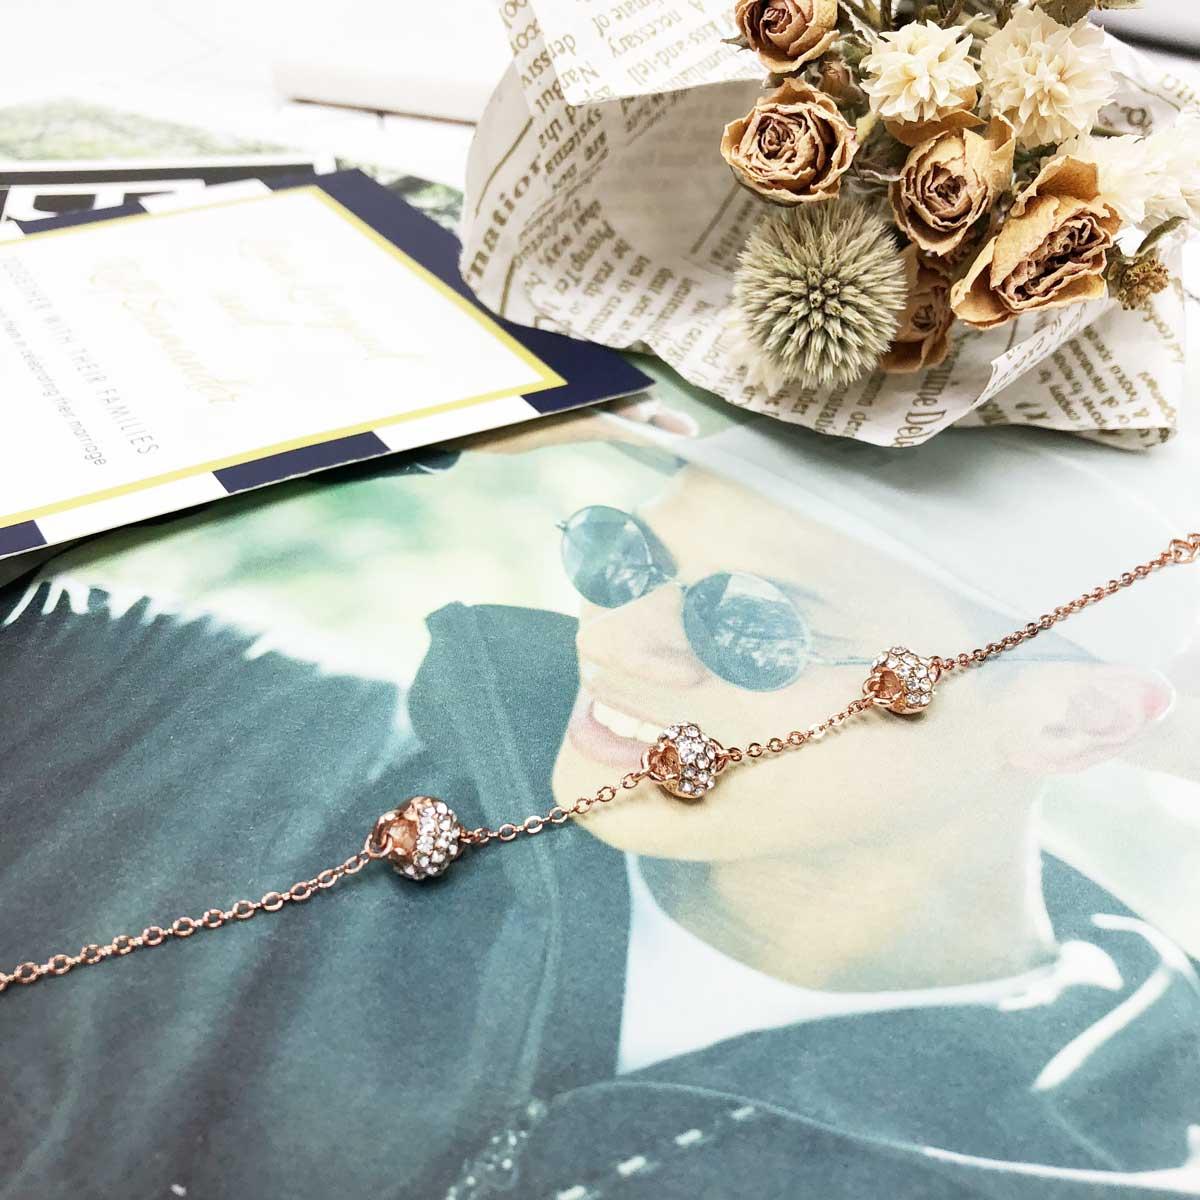 玫瑰金 圓輪 活動式 鑲鑽 三入 秀氣款  手鍊 手飾